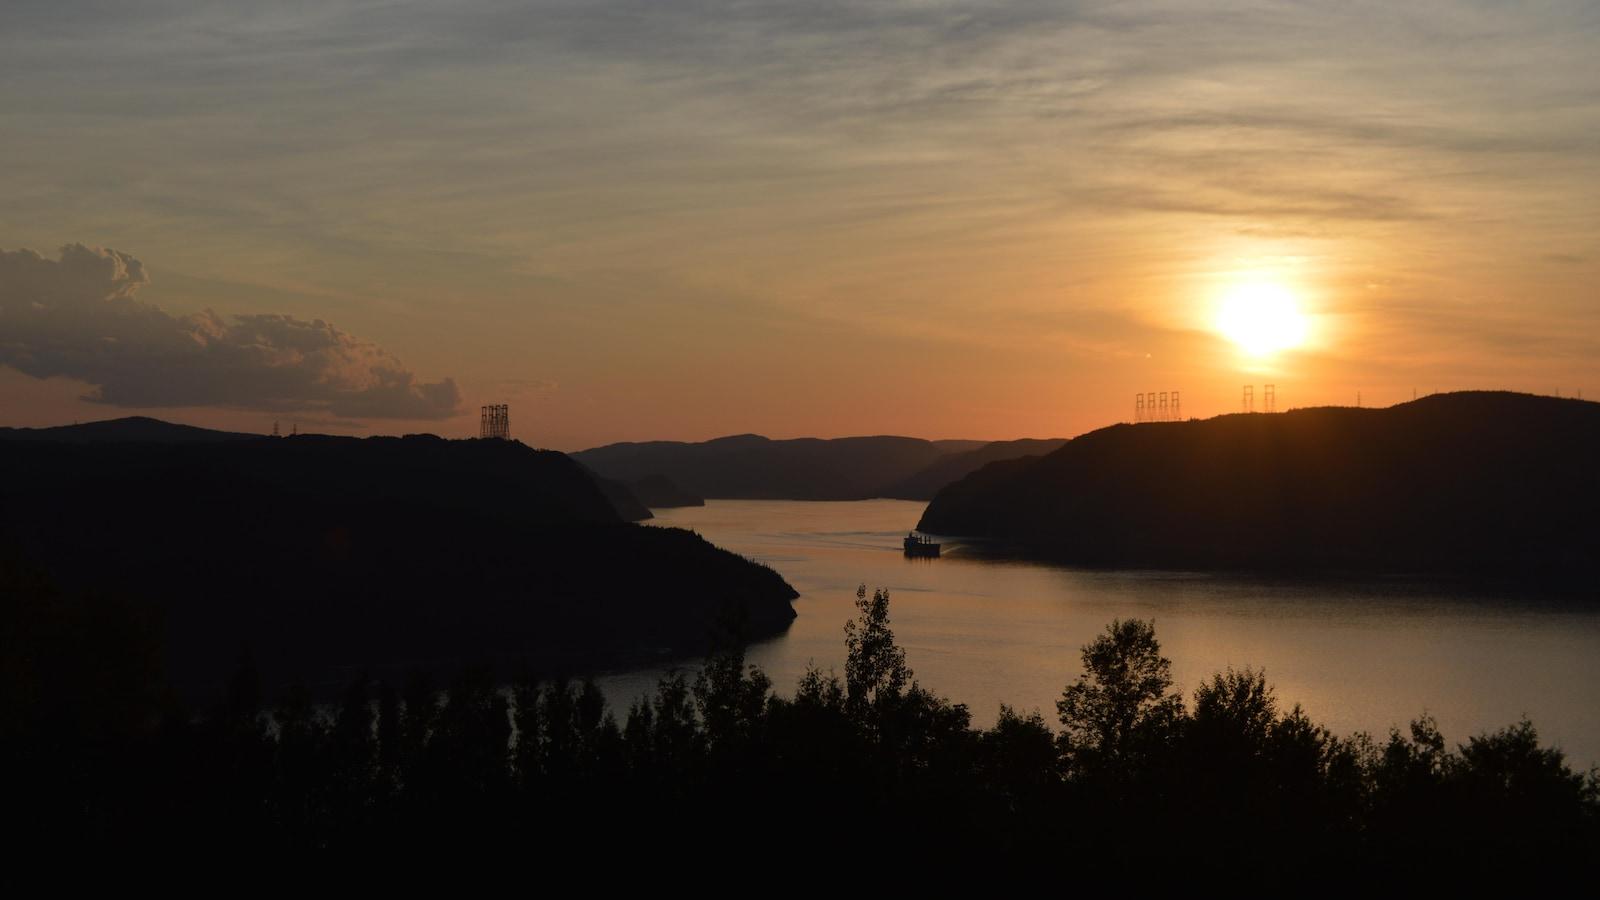 On voit le soleil se coucher sur les caps bordant la rivière Saguenay.